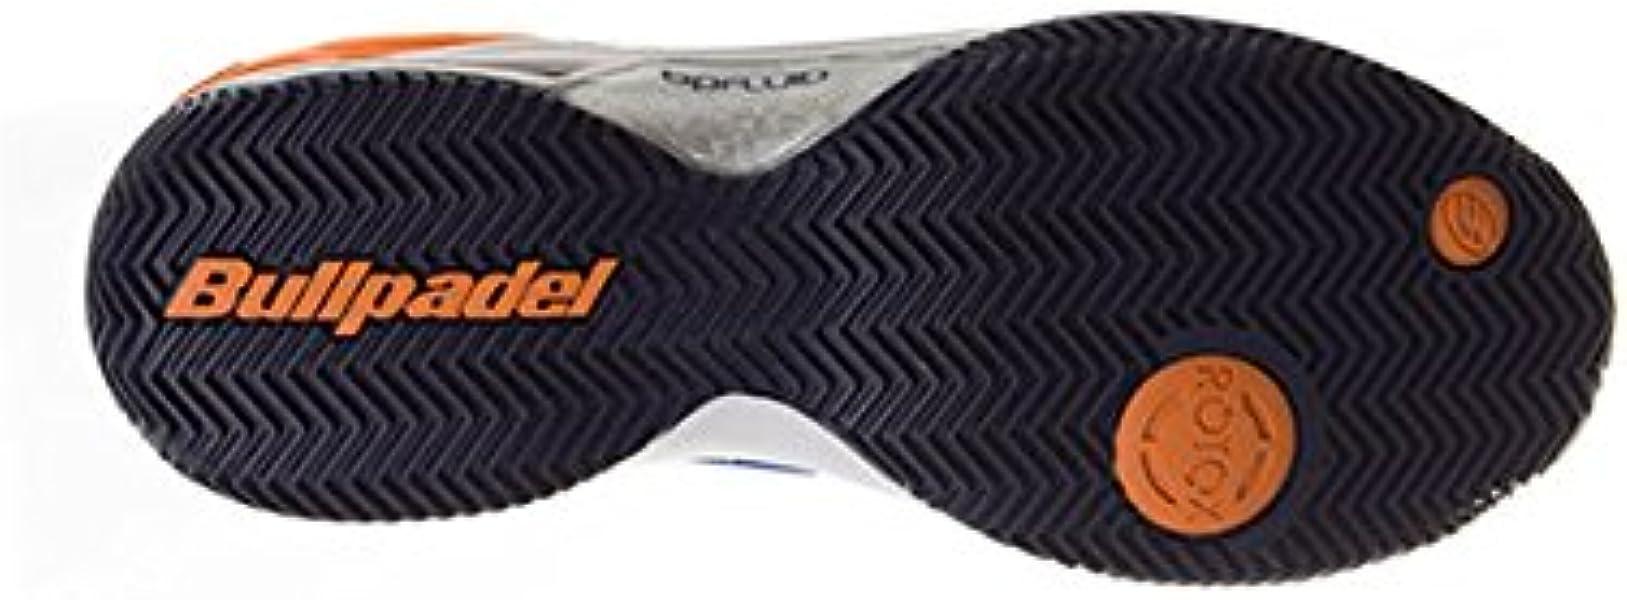 Bull padel Beter, Zapatillas de Tenis Para Hombre